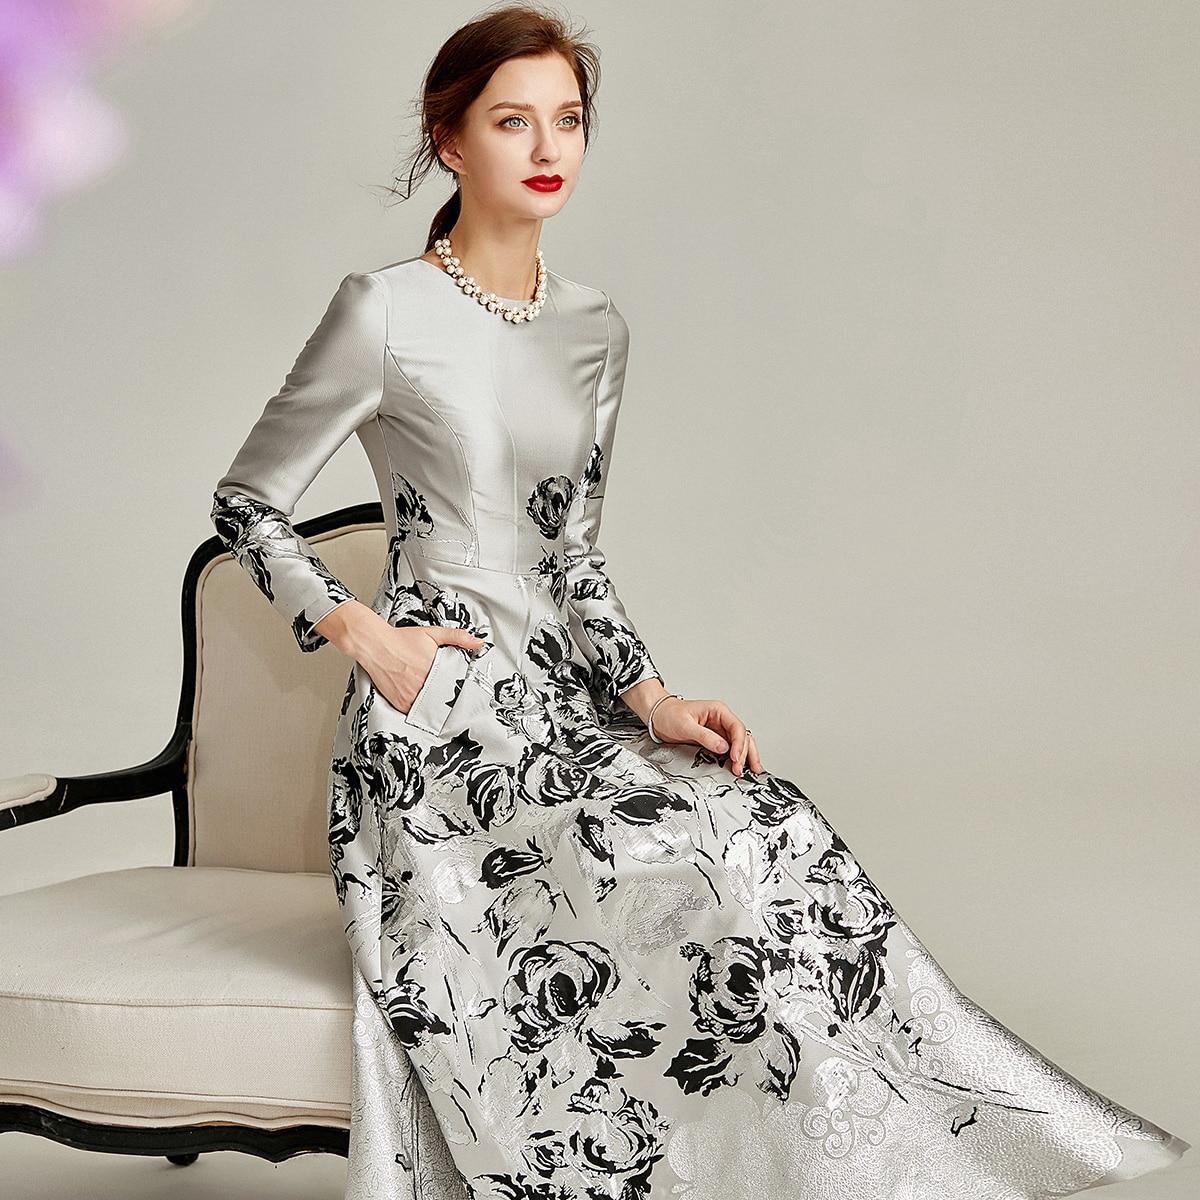 2021 ربيع الخريف فستان جاكار س الرقبة فستان بروكيد المرأة كم طويل ملابس الحفلات المسائية منتصف العجل الكرة ثوب 07